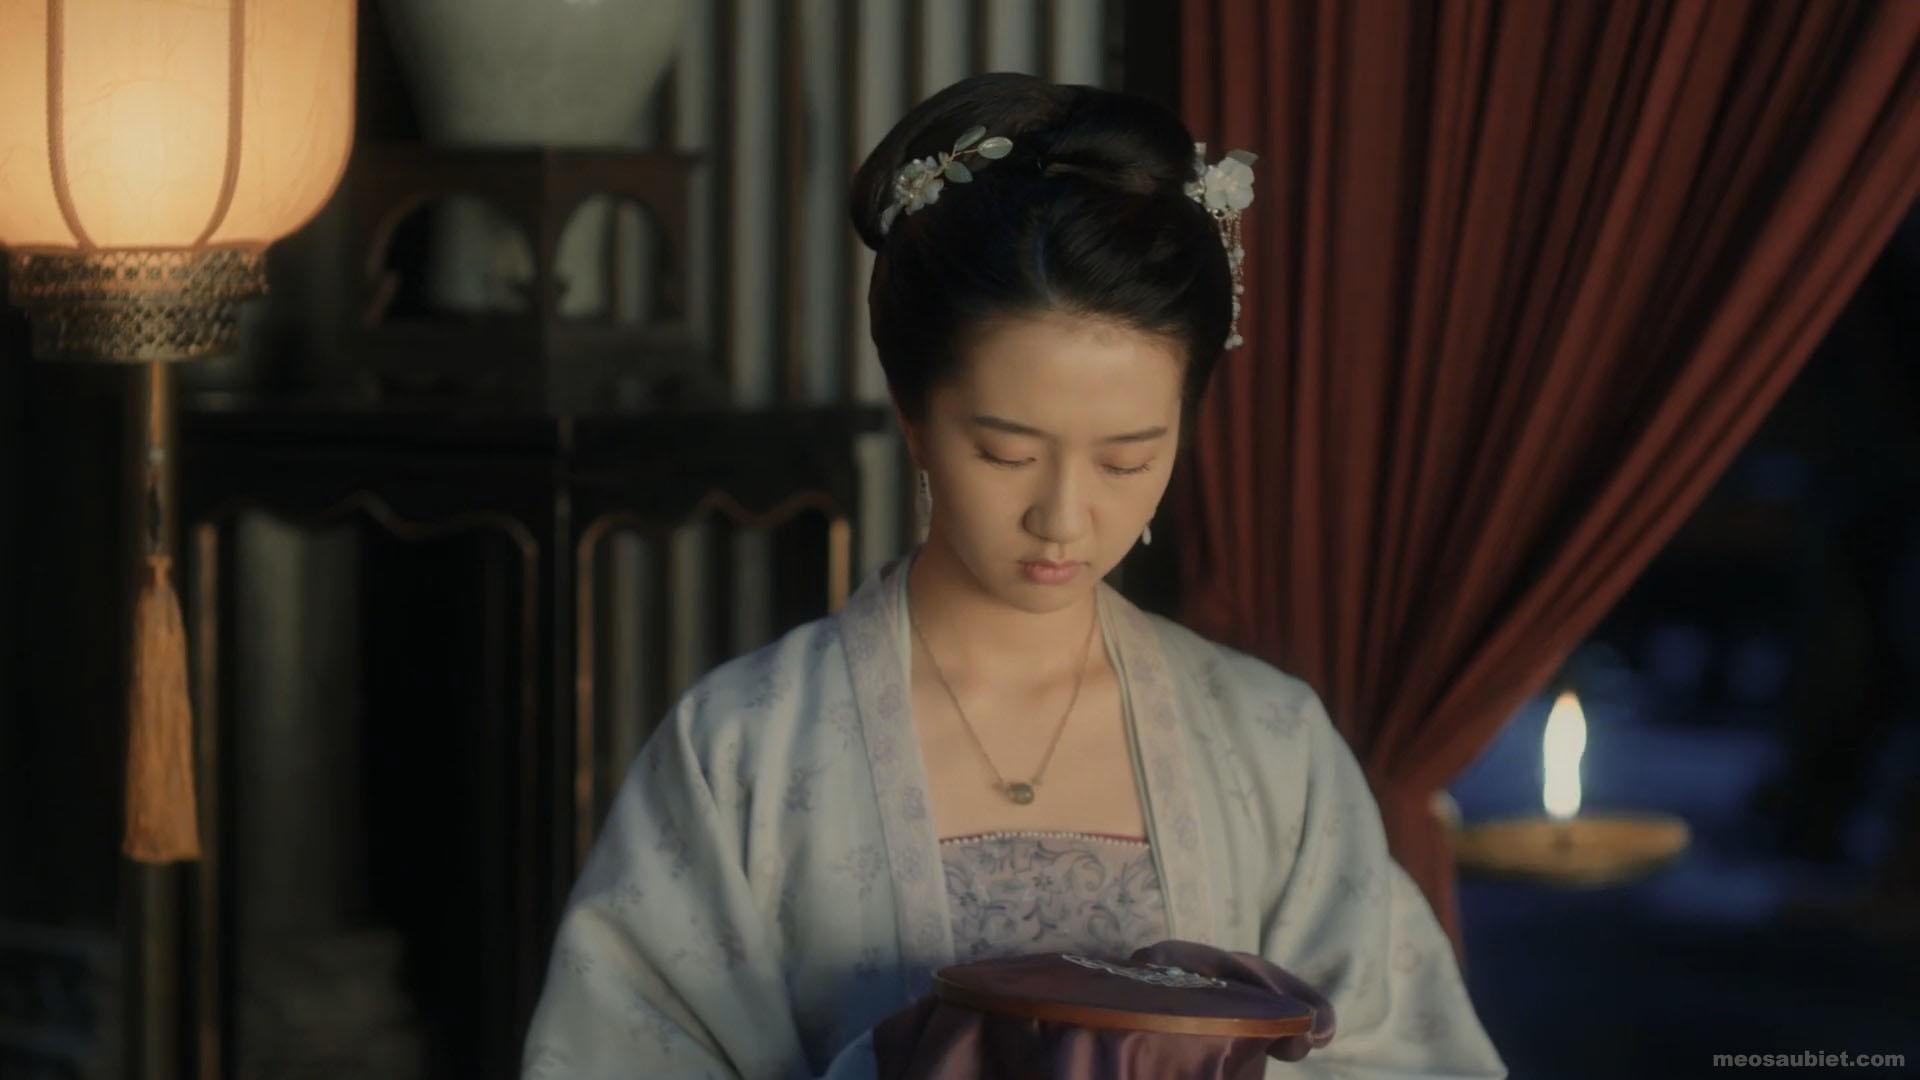 Thanh Bình Nhạc 2020 Hứa Linh Nguyệt trong vai Miêu Tâm Hòa